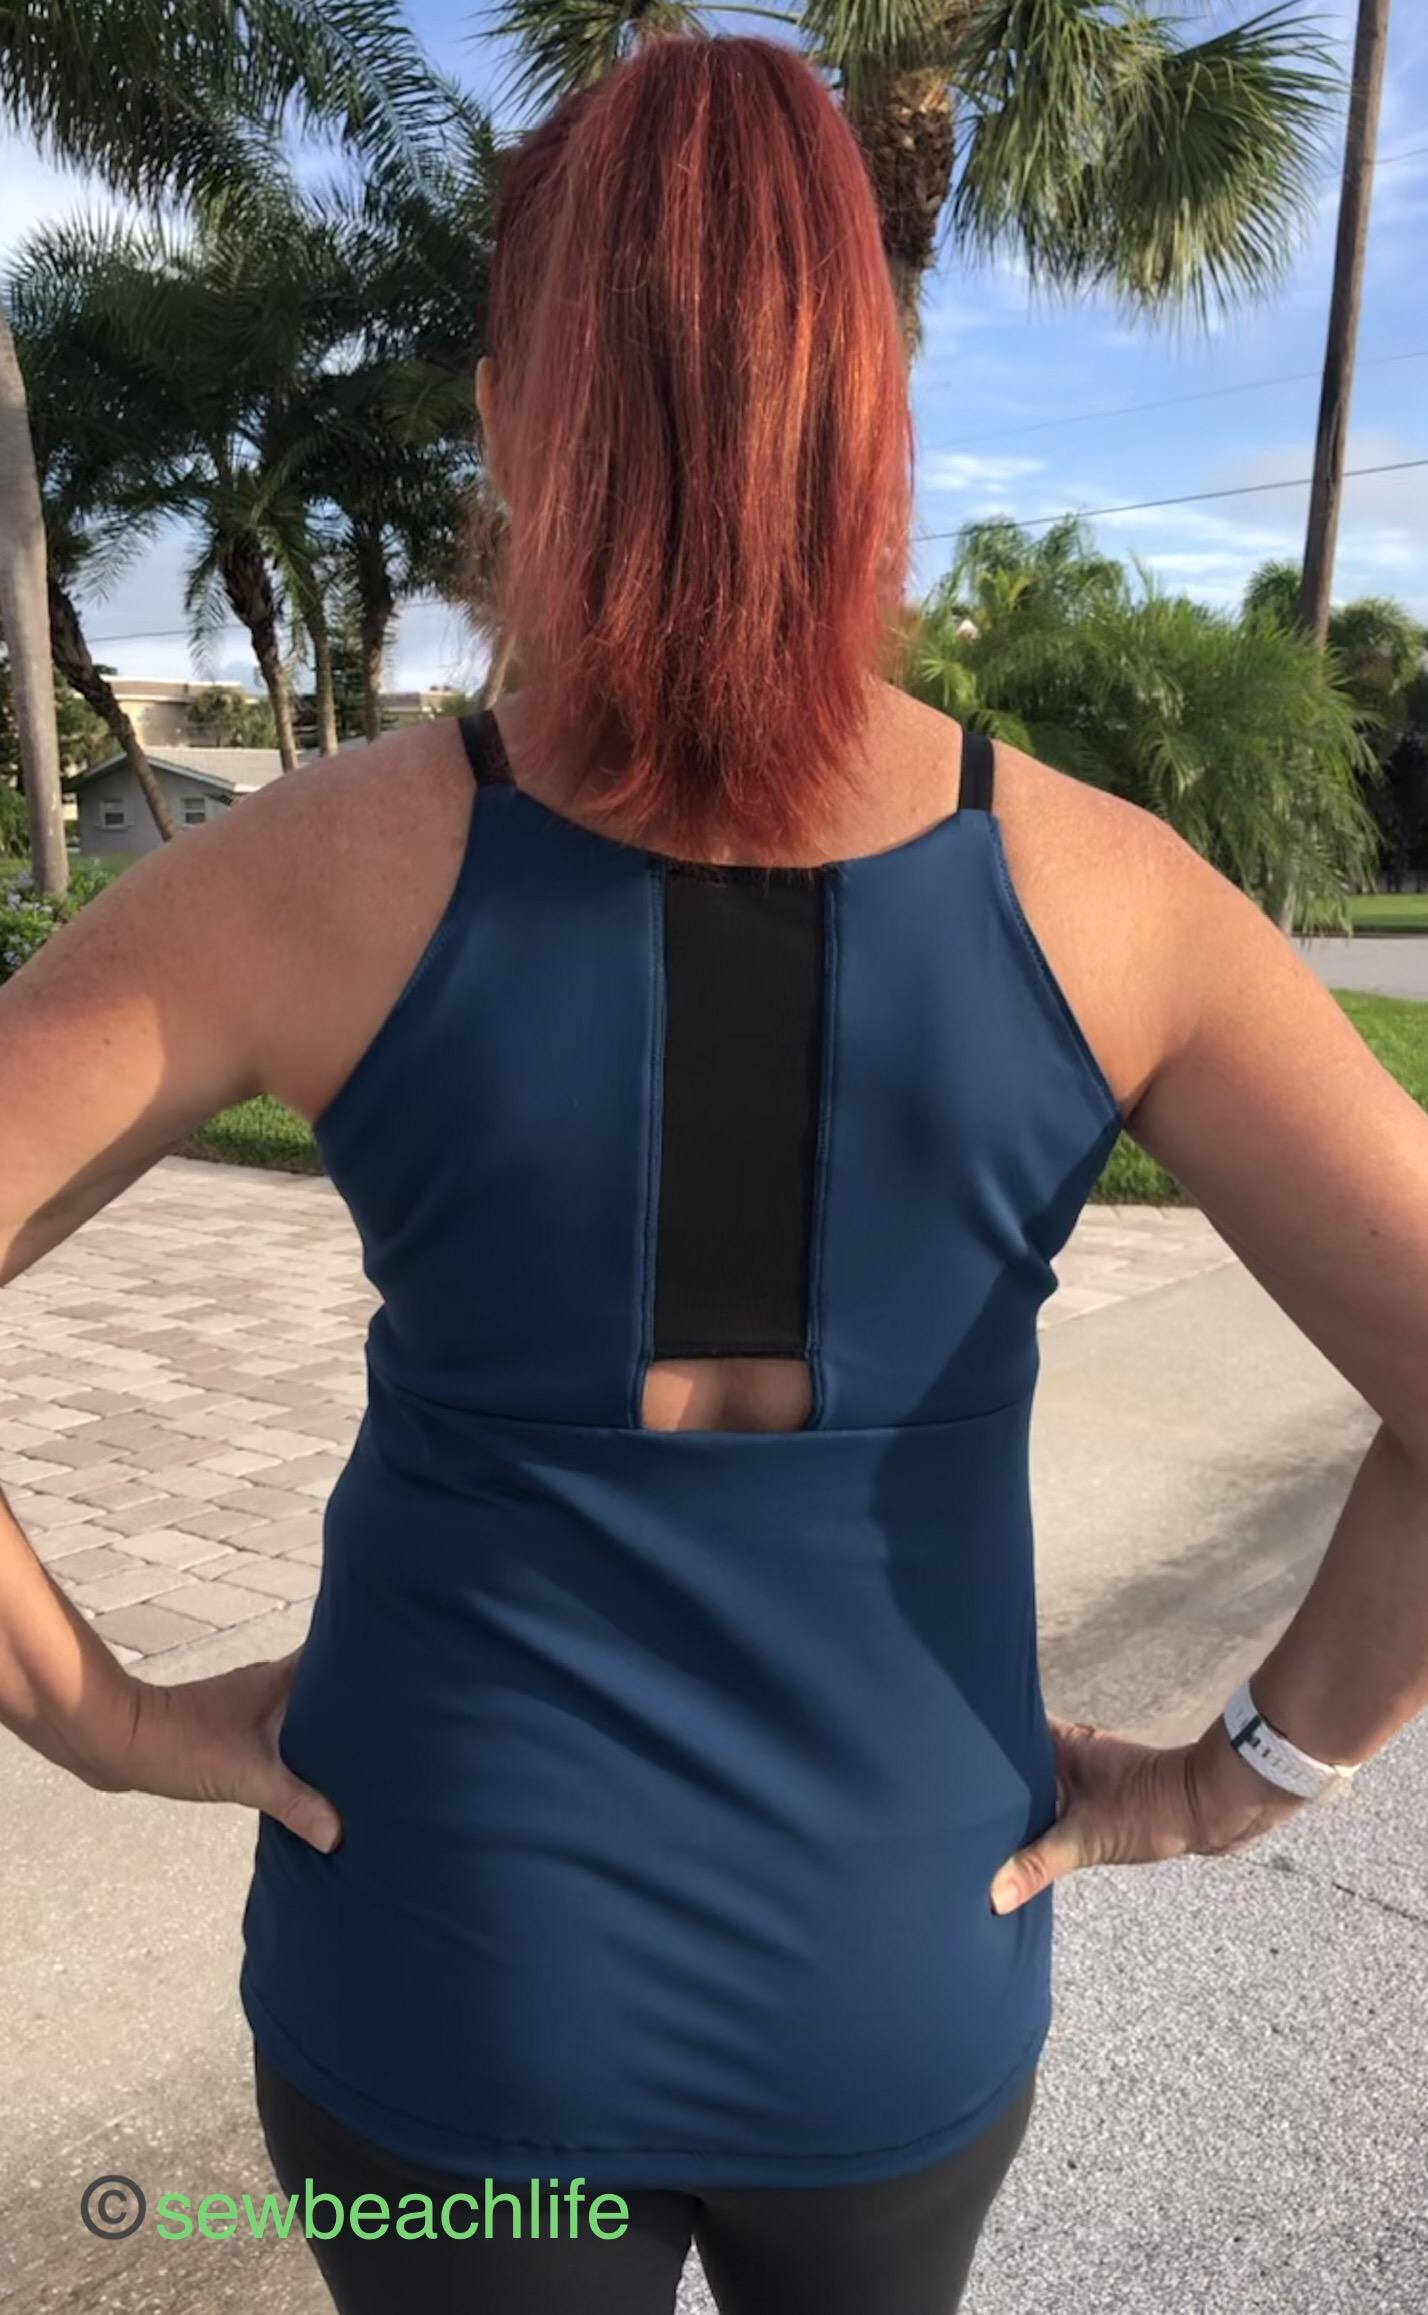 Titania workout back